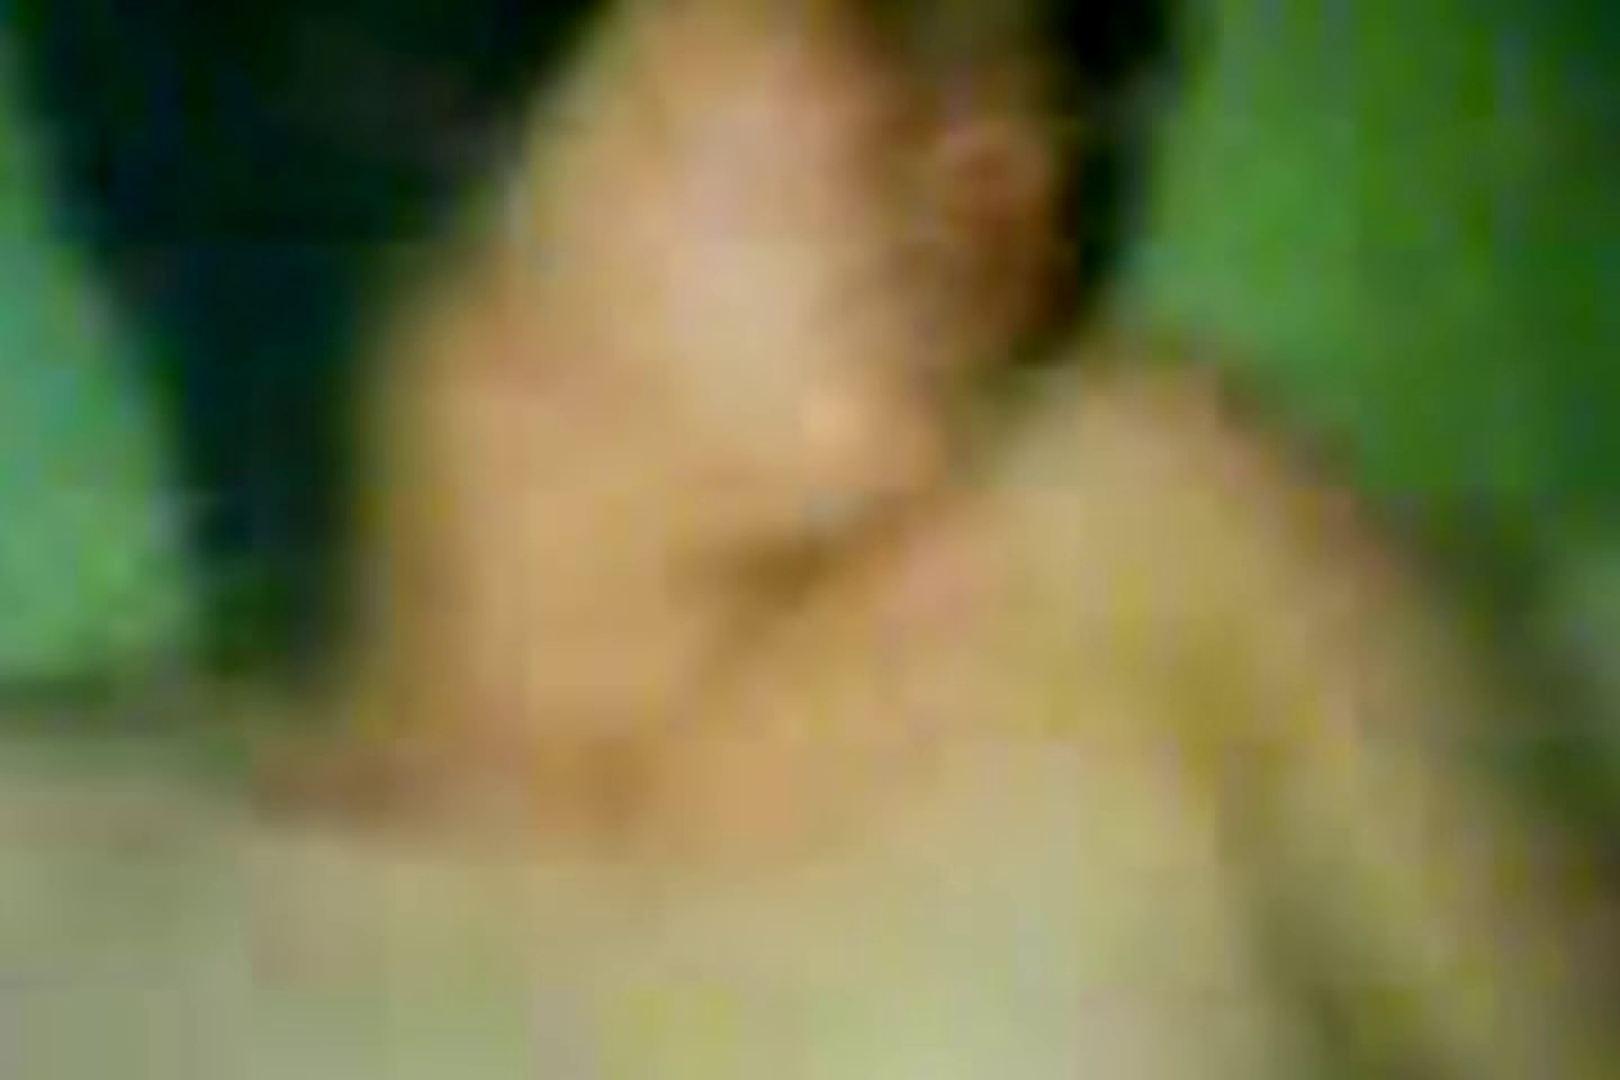 ウイルス流出 串田良祐と小学校教諭のハメ撮りアルバム 学校内で  67連発 42